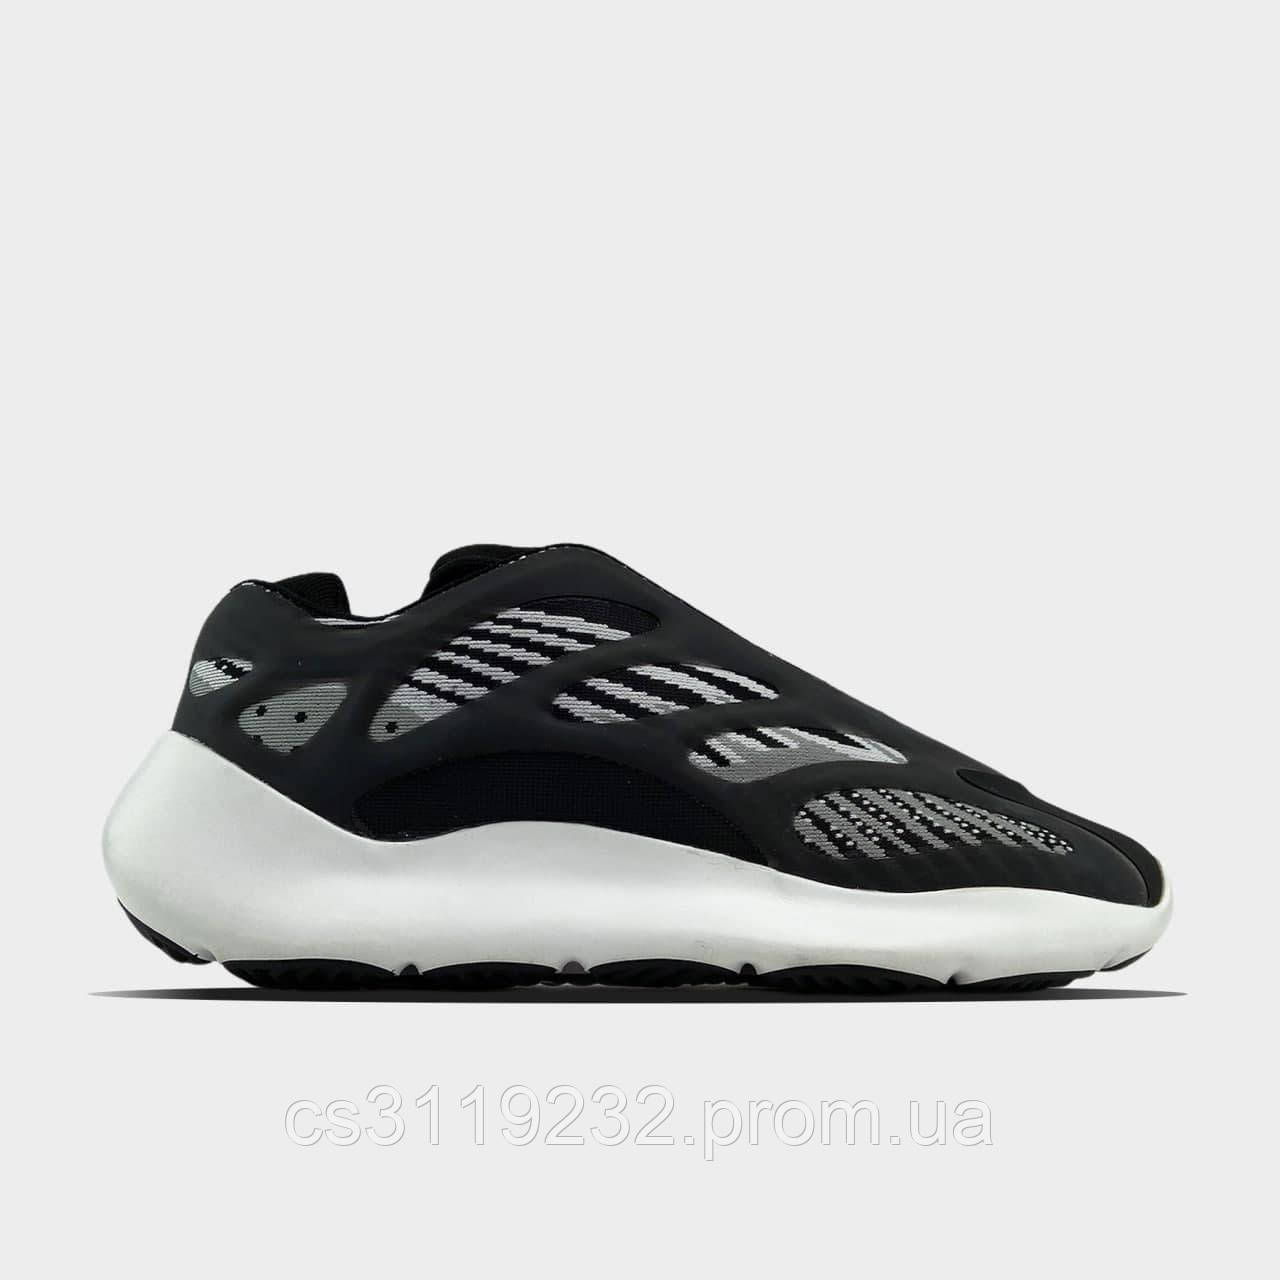 Женские кроссовки Adidas Yeezy Boost 700 V3 Black White (черные)